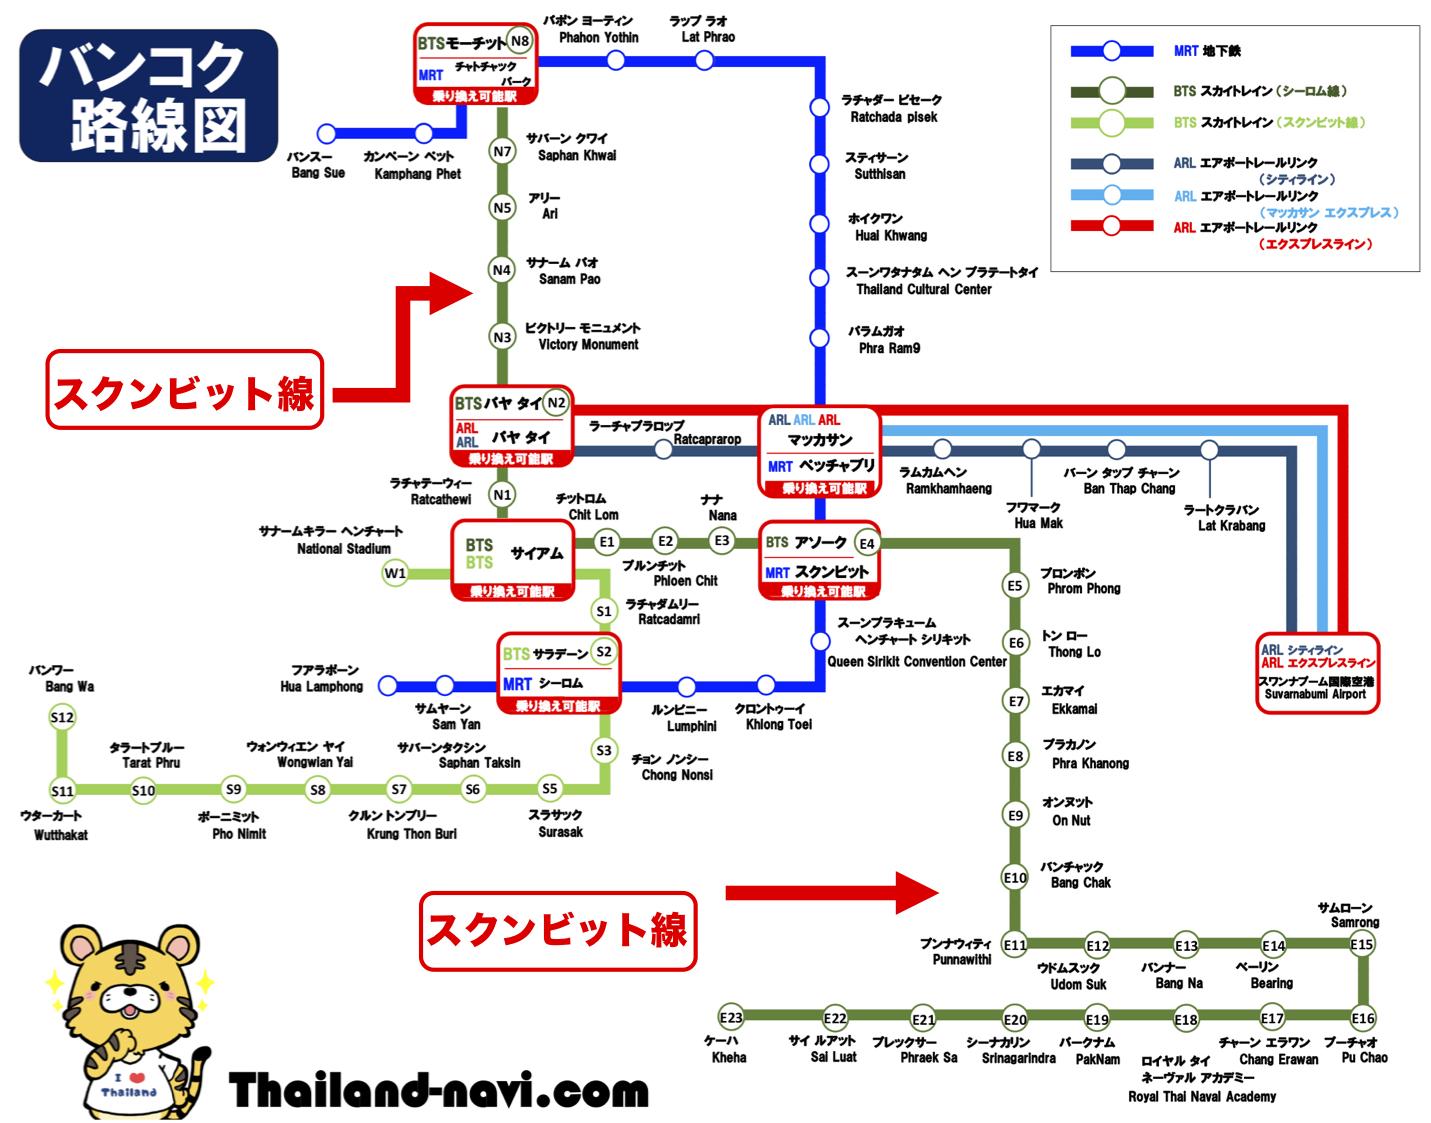 スクンビット線 路線図